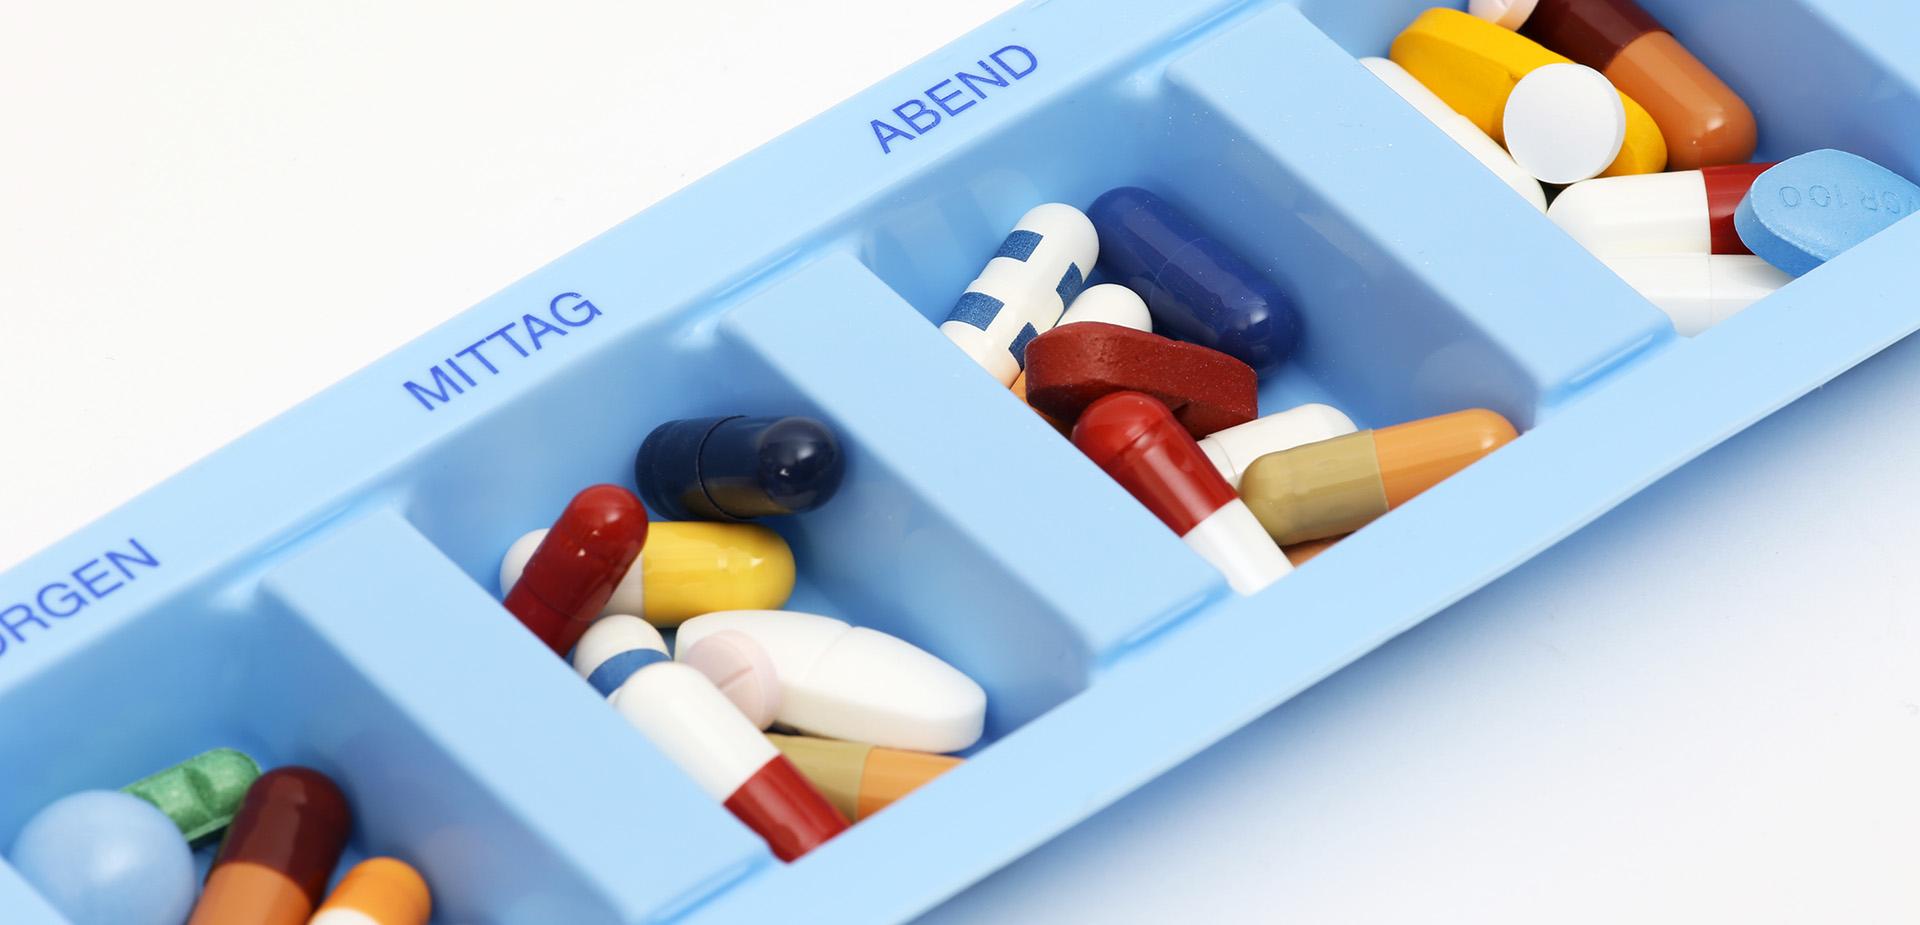 Medikamente und Implantate